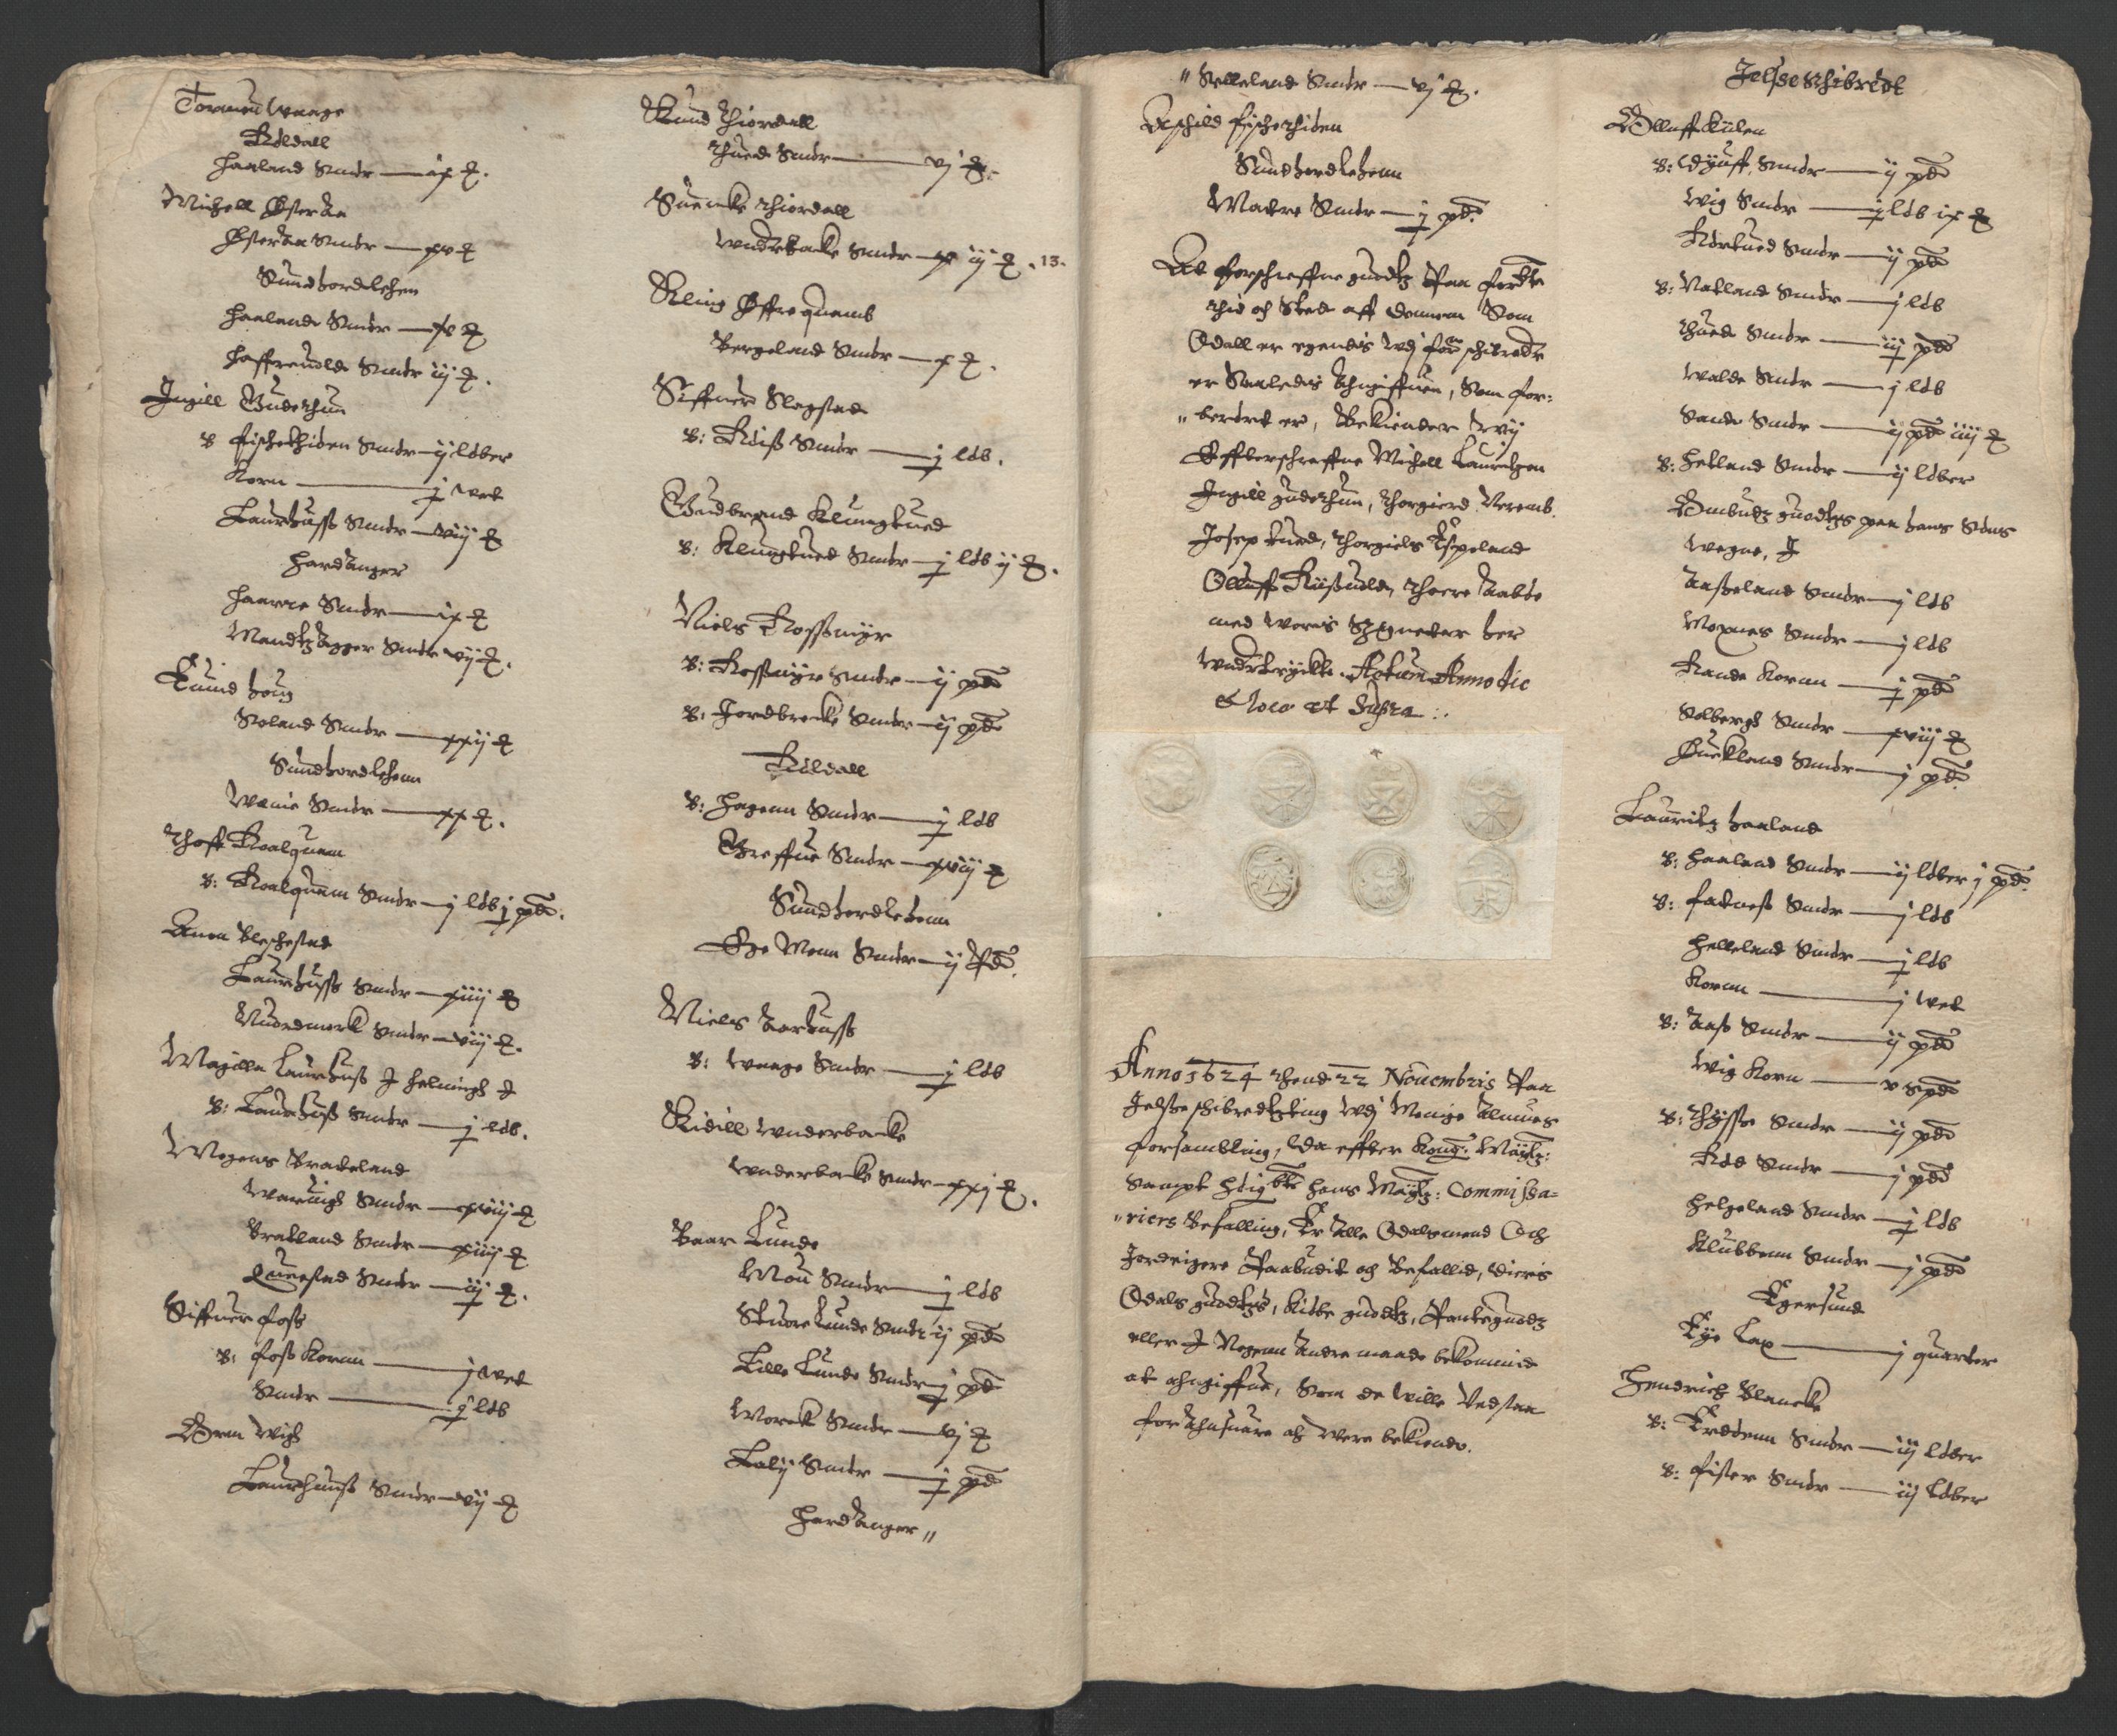 RA, Stattholderembetet 1572-1771, Ek/L0010: Jordebøker til utlikning av rosstjeneste 1624-1626:, 1624-1626, s. 21